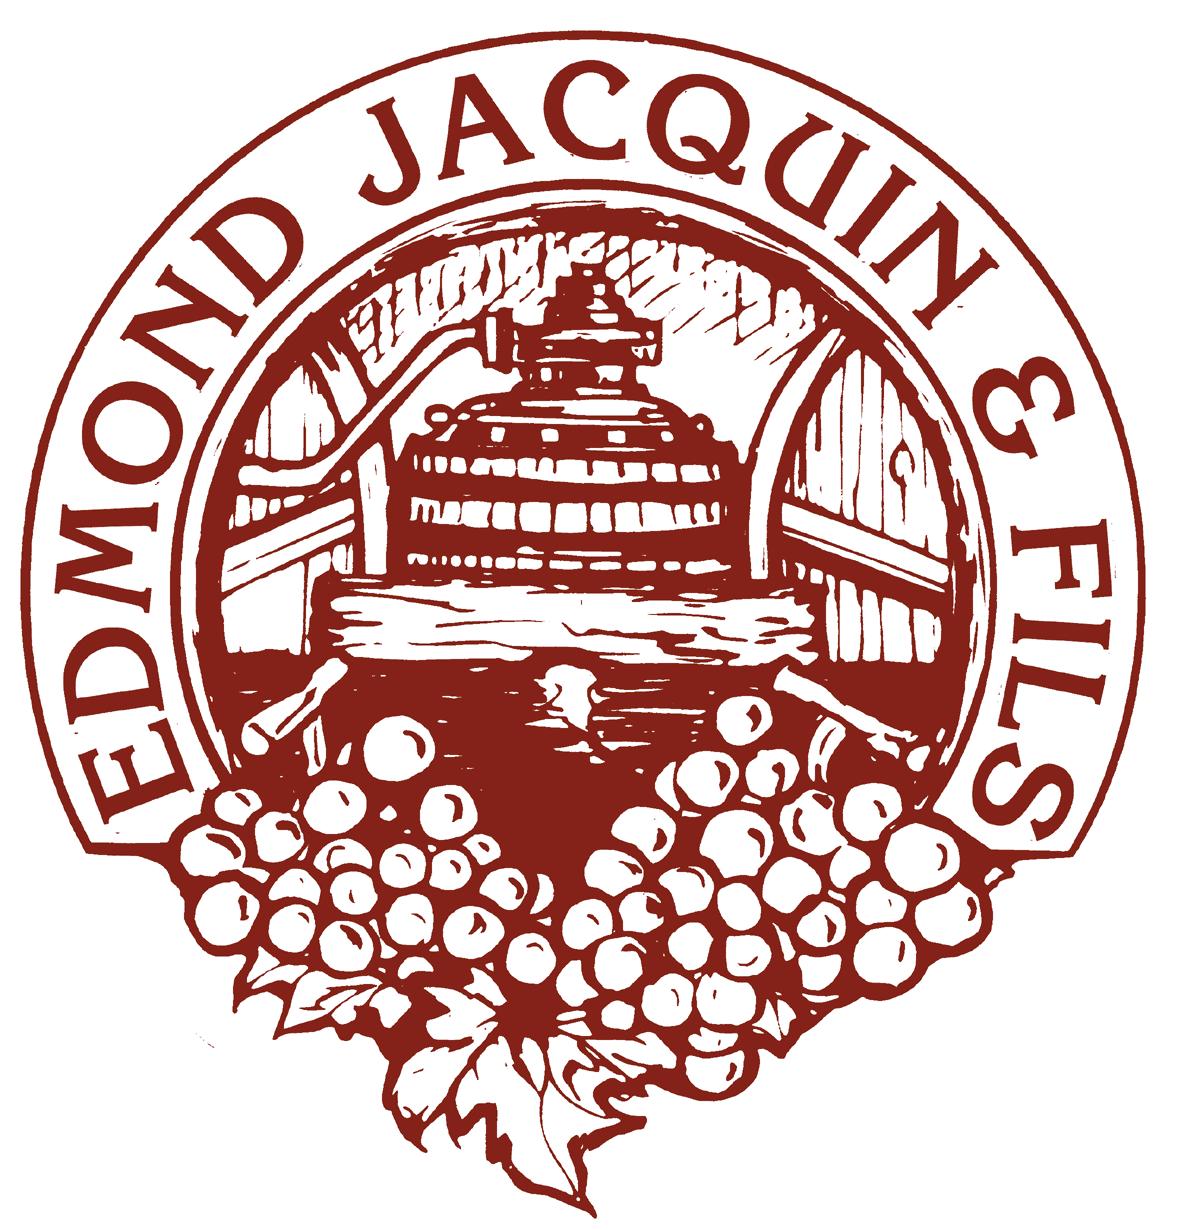 jacquin-edmond